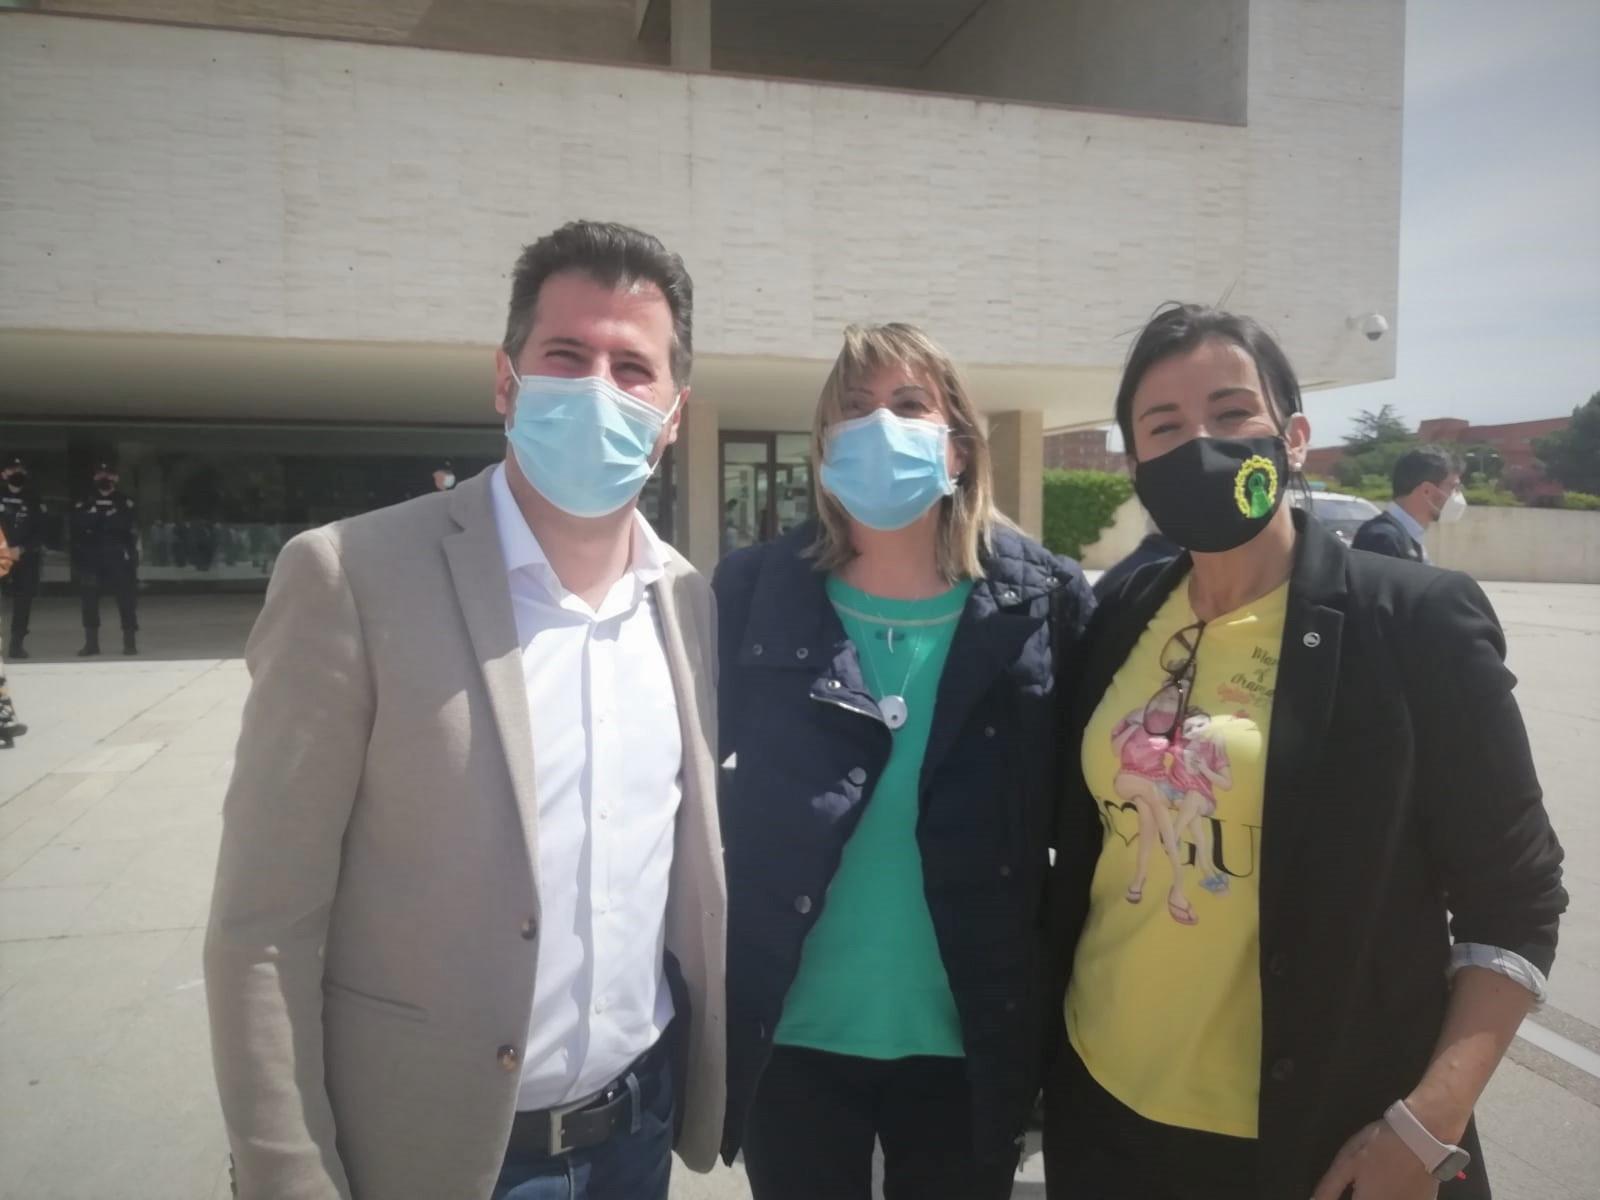 Las Plataformas en Defensa de la Sanidad Pu00fablica inician movilizaciones con un acto simbu00f3lico a la puerta de las Cortes de Castilla y Leu00f3n (3)